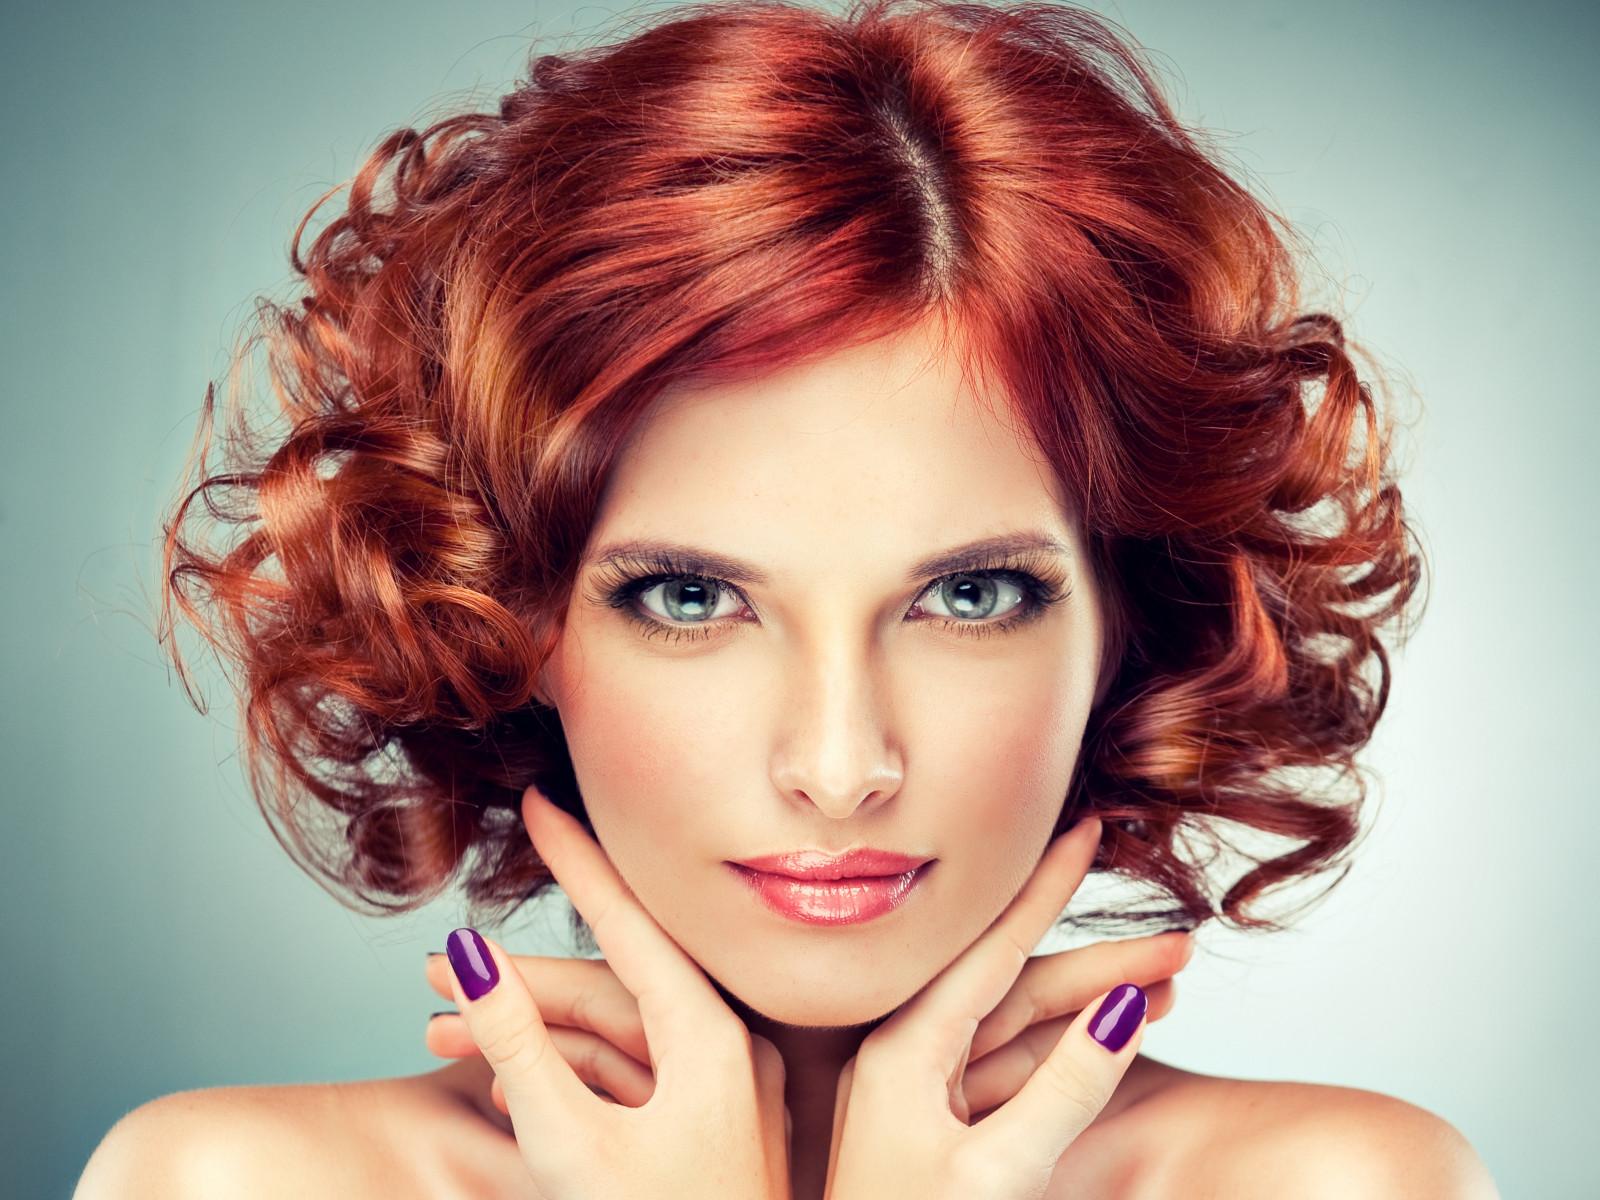 Wallpaper : face, women, redhead, model, portrait, long ...